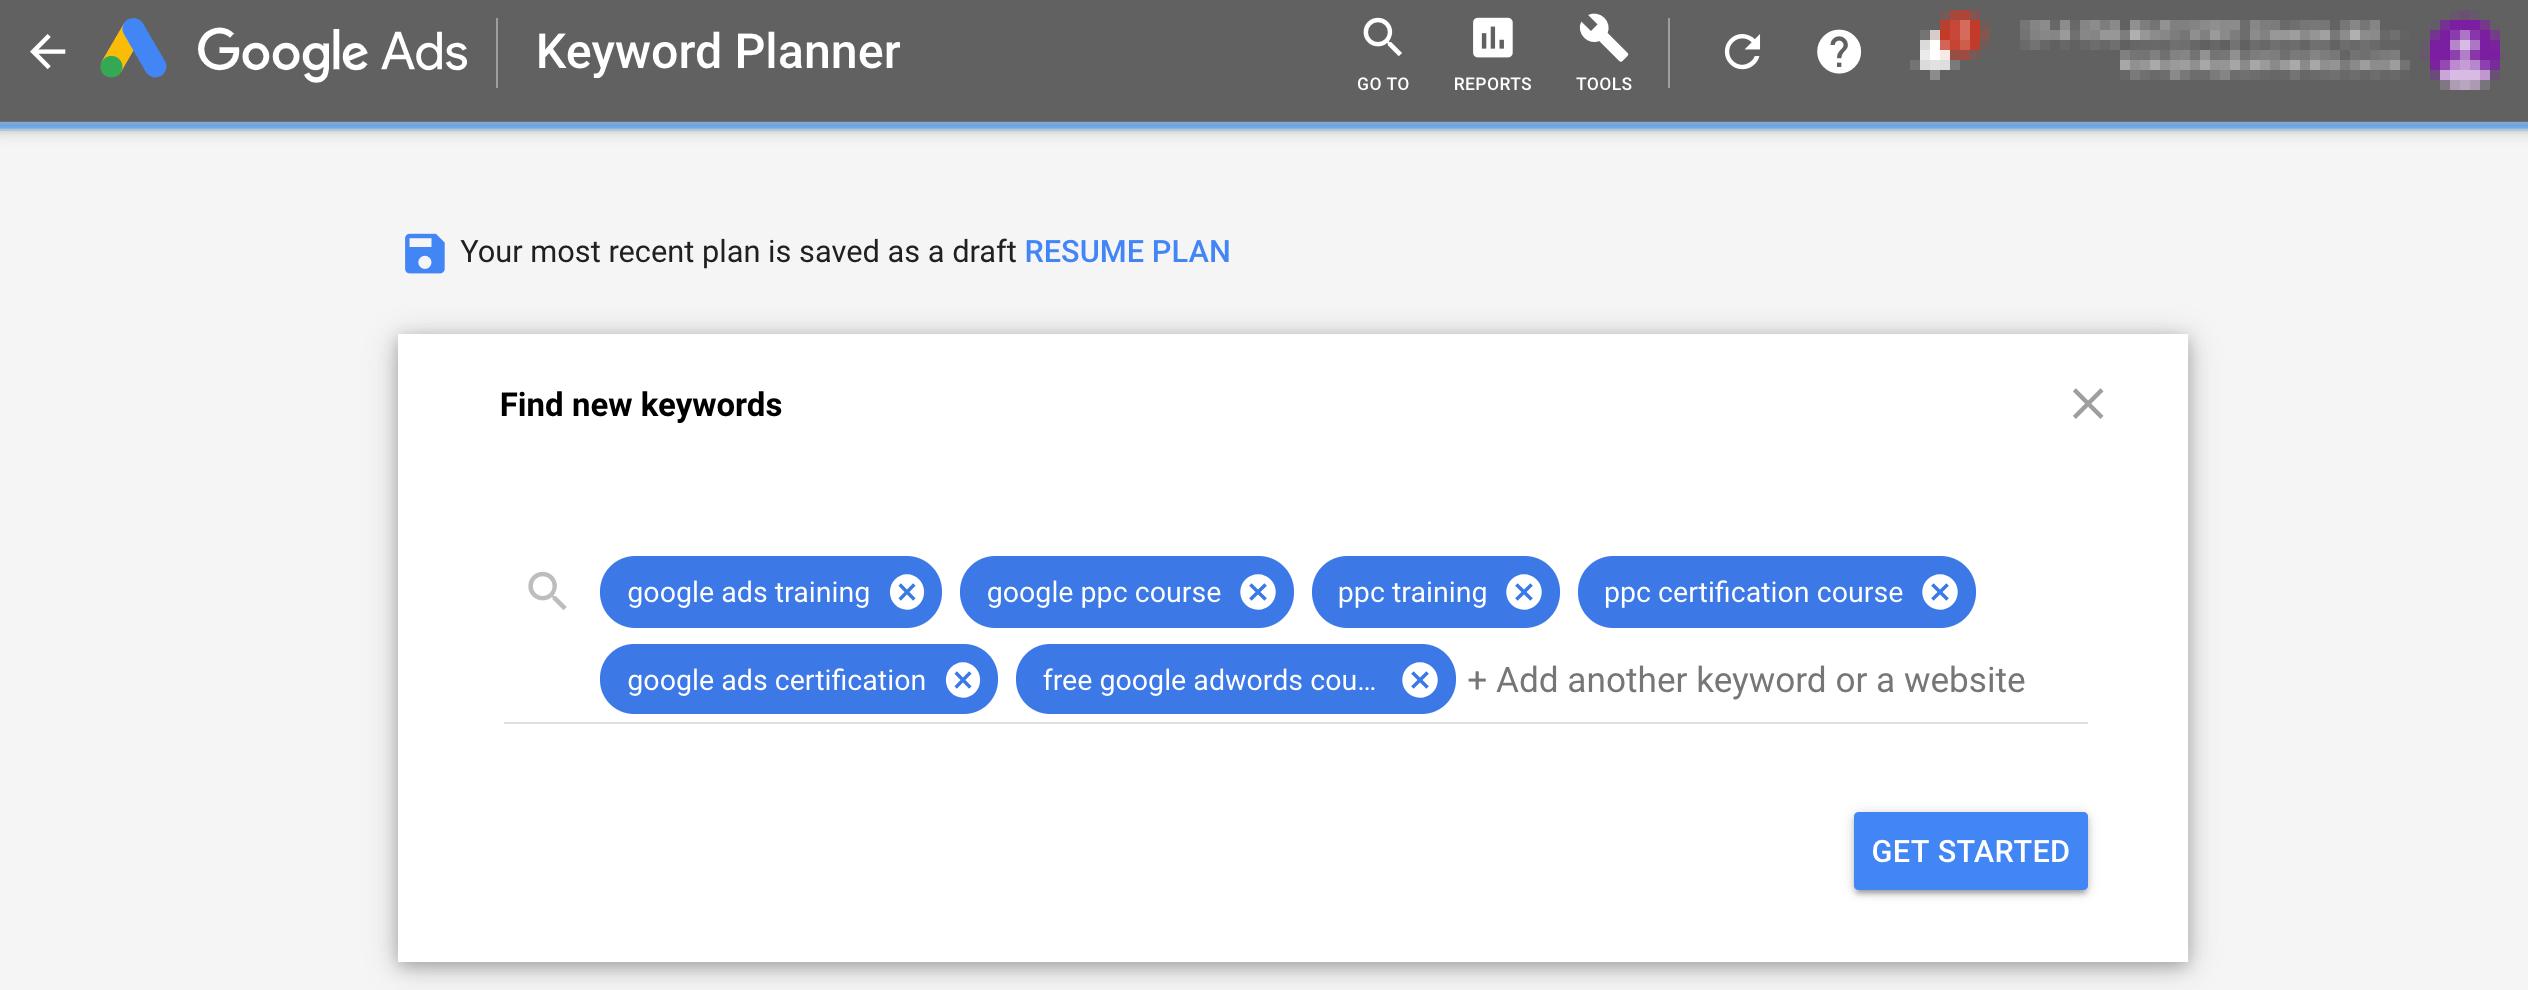 Keyword search - Google Ads Tutorial